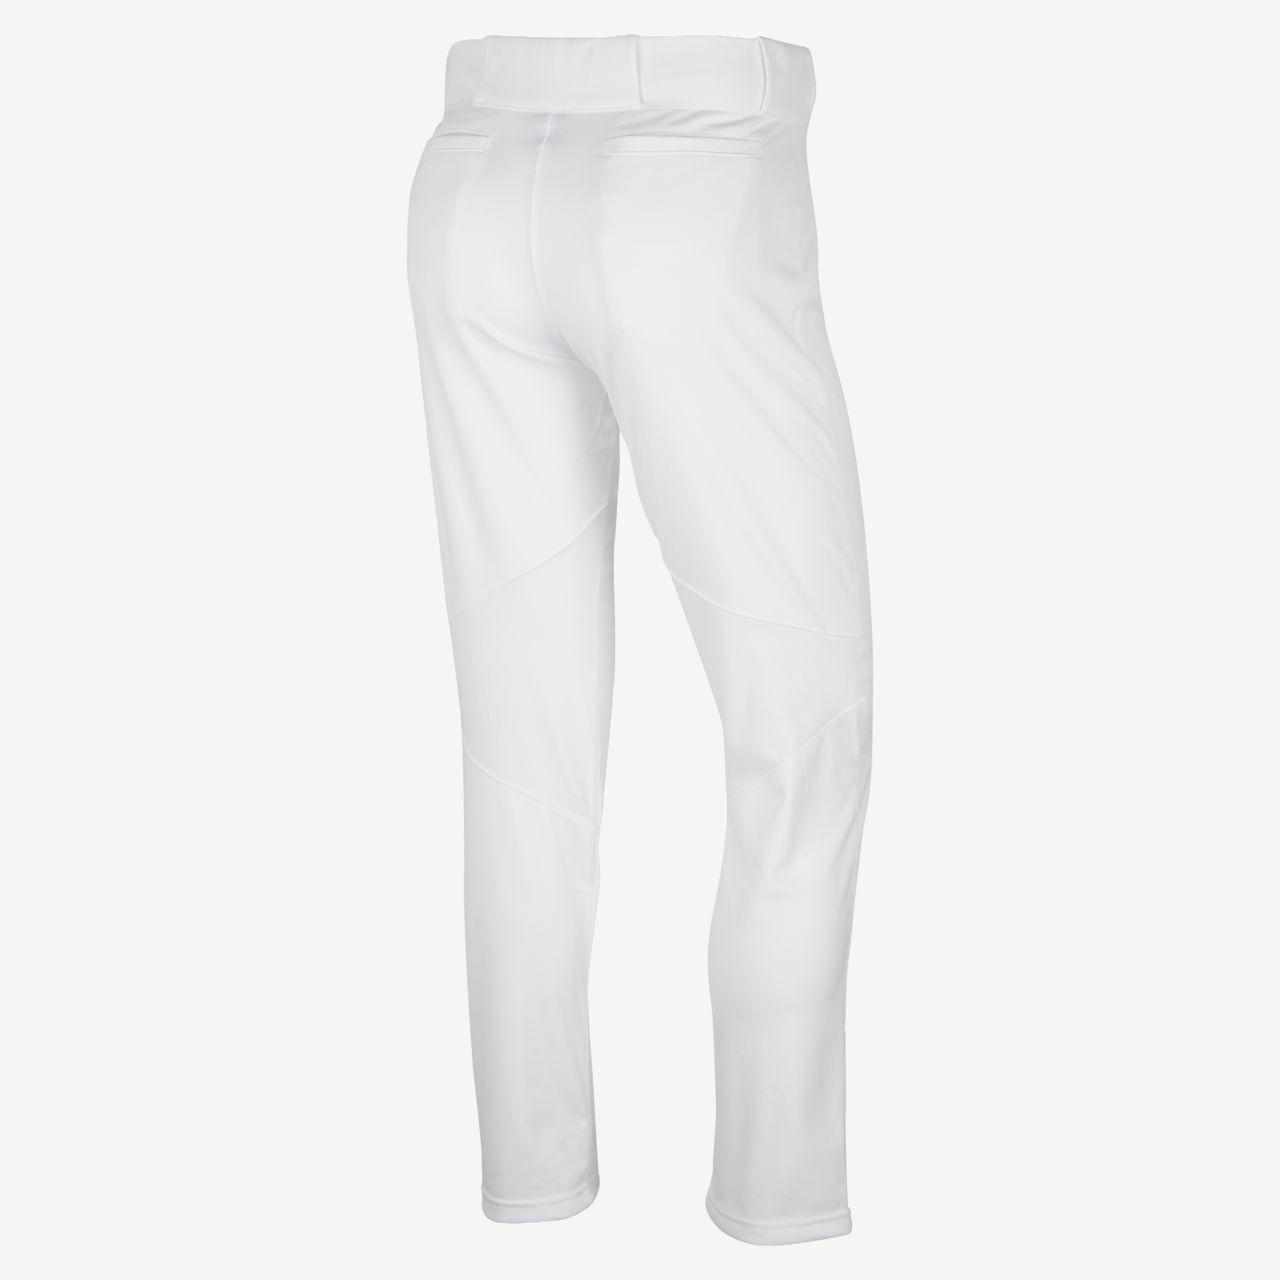 25e802ad72c07 Nike Pro Vapor Men s Baseball Pants. Nike.com